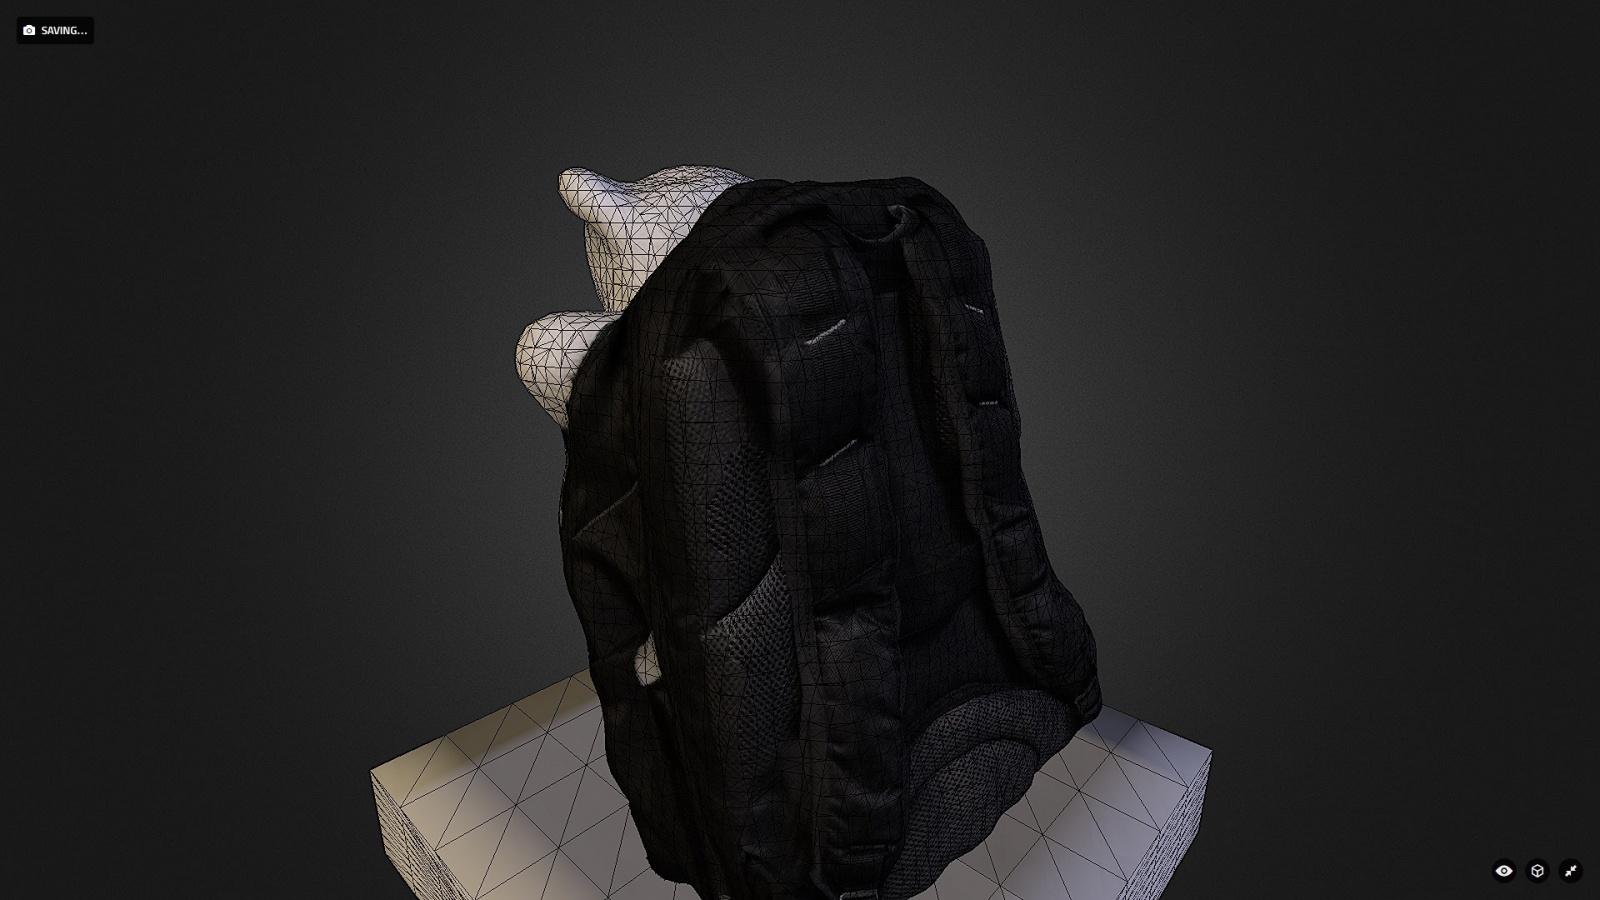 Сappasity 3D Scan – 3D сканирование с использованием Intel RealSense. Опыт разработки - 6